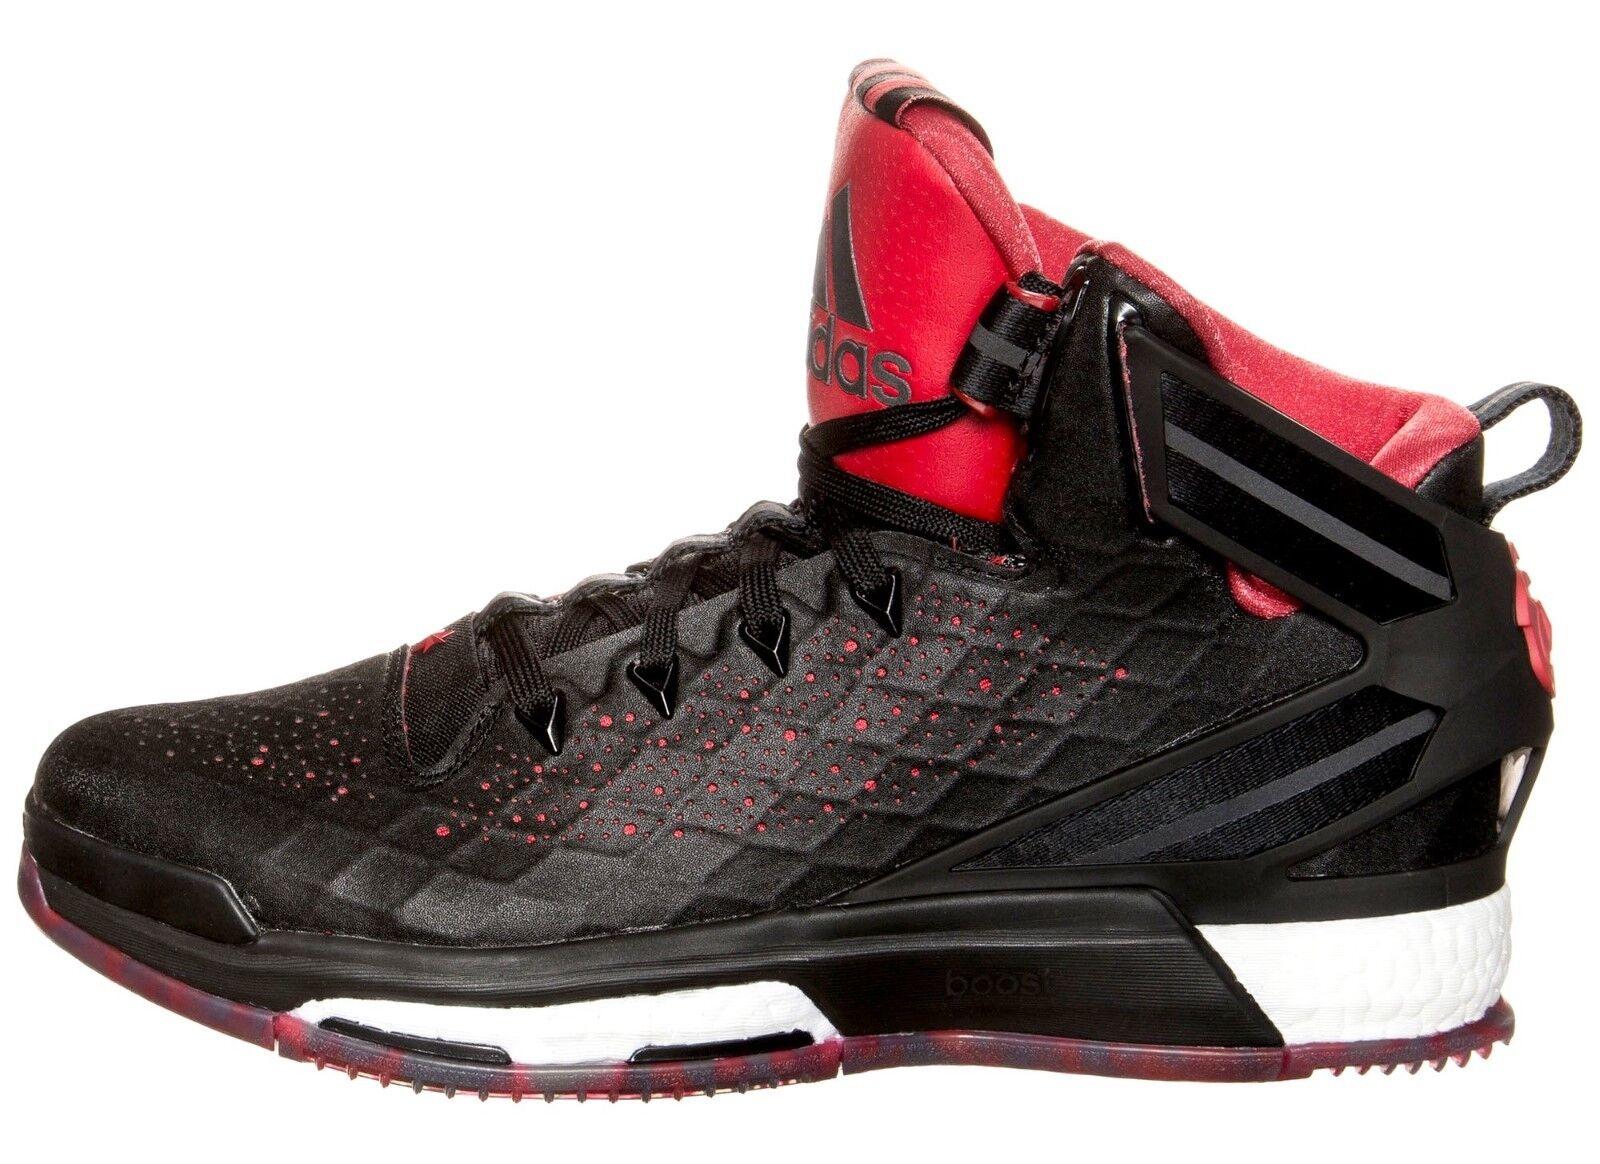 Adidas S84944 Performance D Rosa 6 Boost Basketball Schuhe 53 1 3 UK17 Schwarz